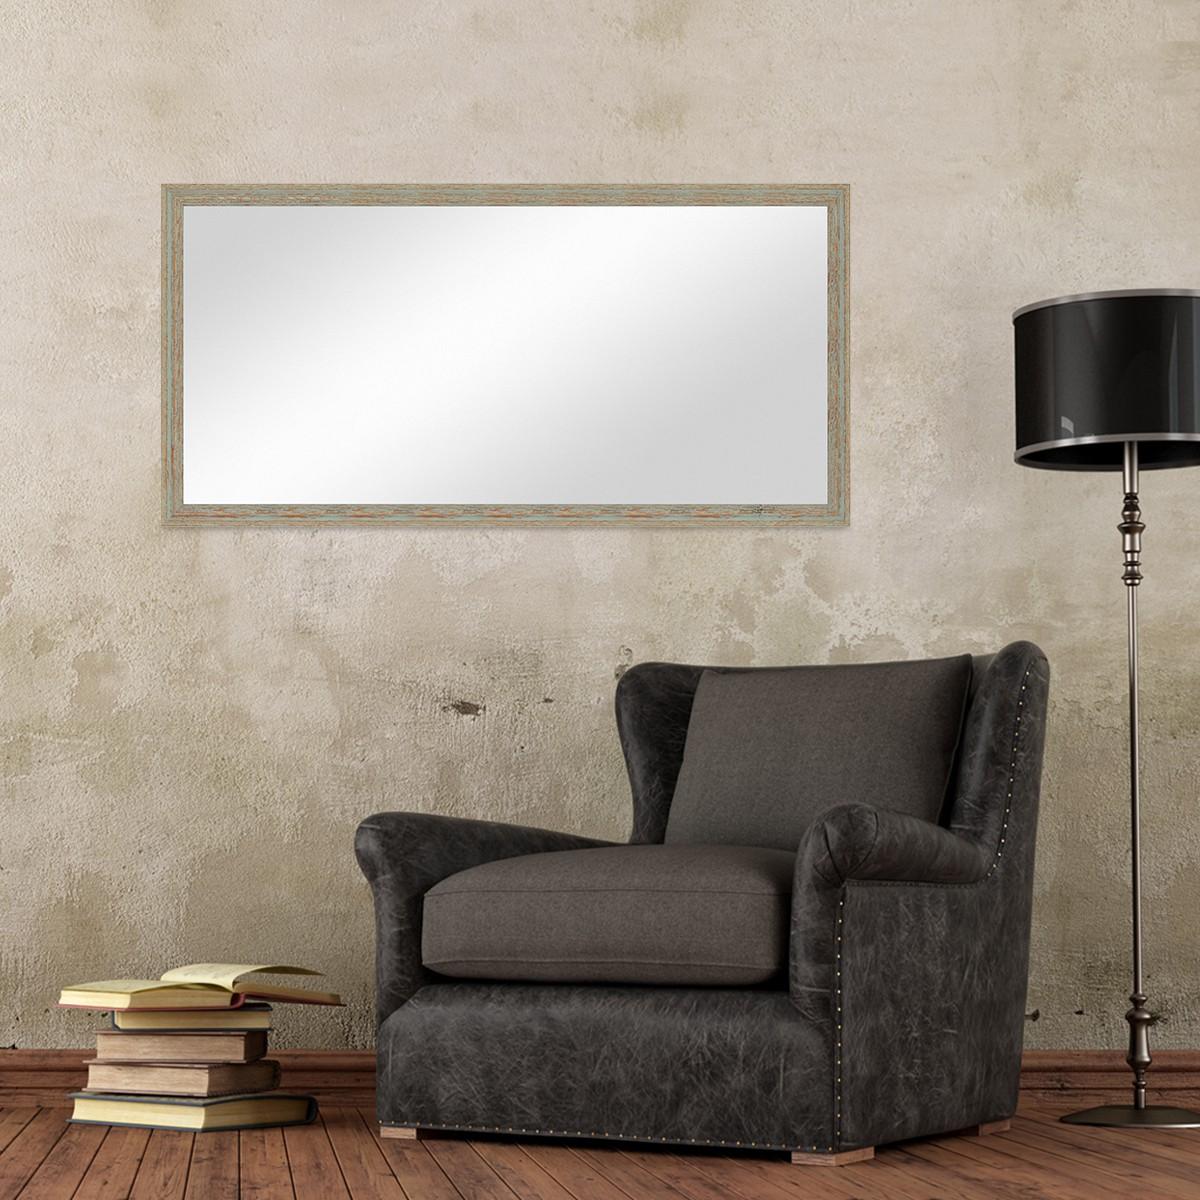 Wand-Spiegel 56x106 Cm Im Holzrahmen Grau-Grün Shabby-Chic